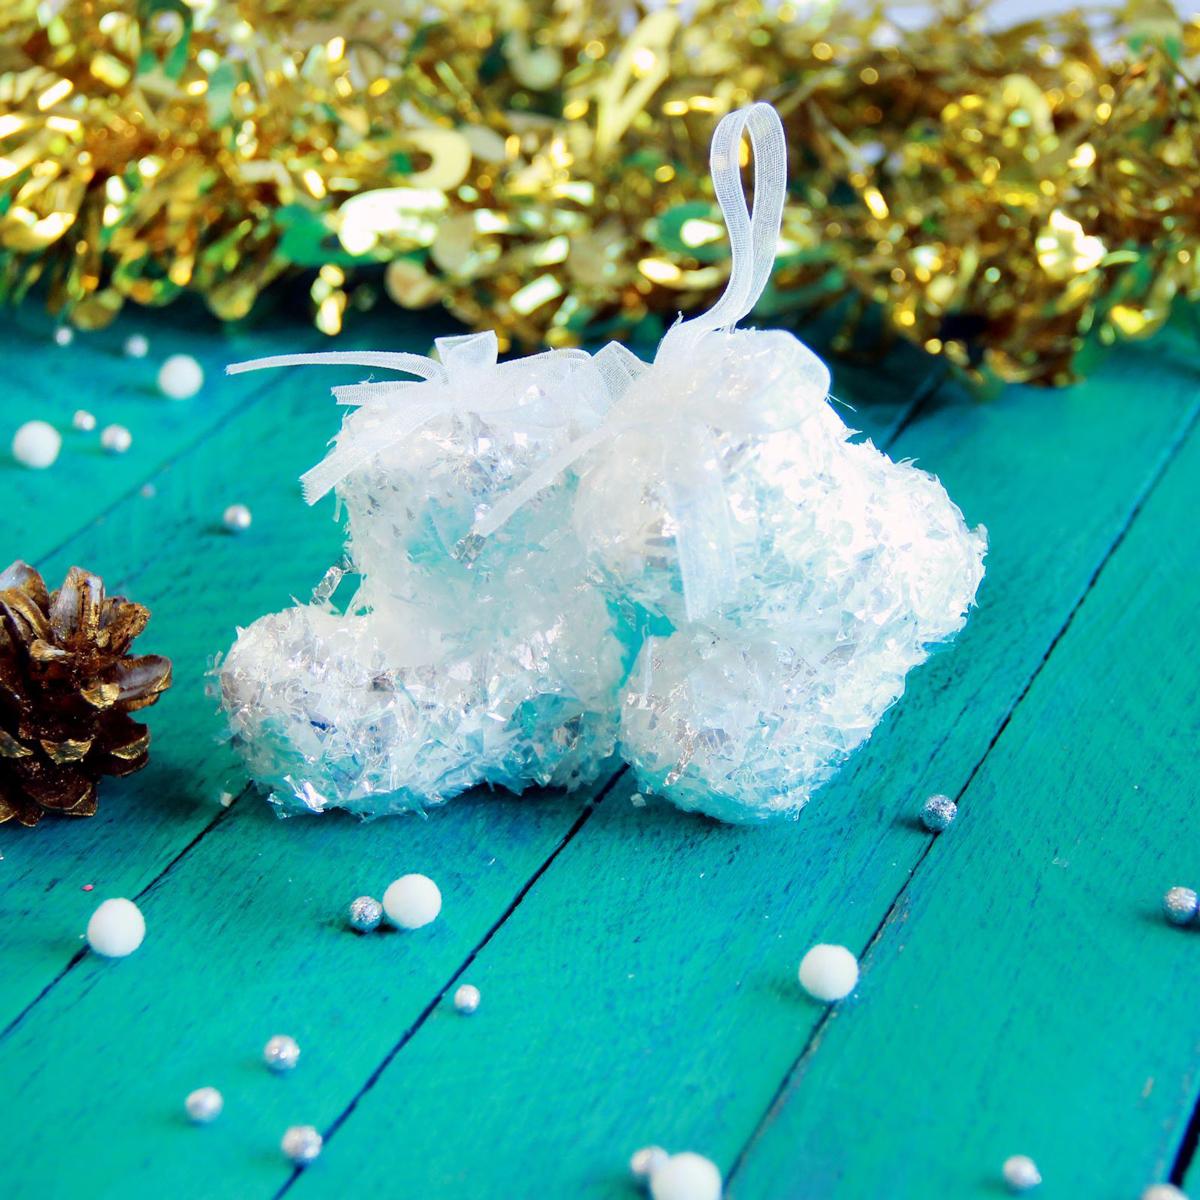 Набор новогодних подвесных украшений Белый ботинок, 5,5 х 5 см, 6 шт2371340Набор новогодних подвесных украшений отлично подойдет для декорации вашего дома и новогодней ели. С помощью специальной петельки украшение можно повесить в любом понравившемся вам месте. Но, конечно, удачнее всего оно будет смотреться на праздничной елке.Елочная игрушка - символ Нового года. Она несет в себе волшебство и красоту праздника. Такое украшение создаст в вашем доме атмосферу праздника, веселья и радости.